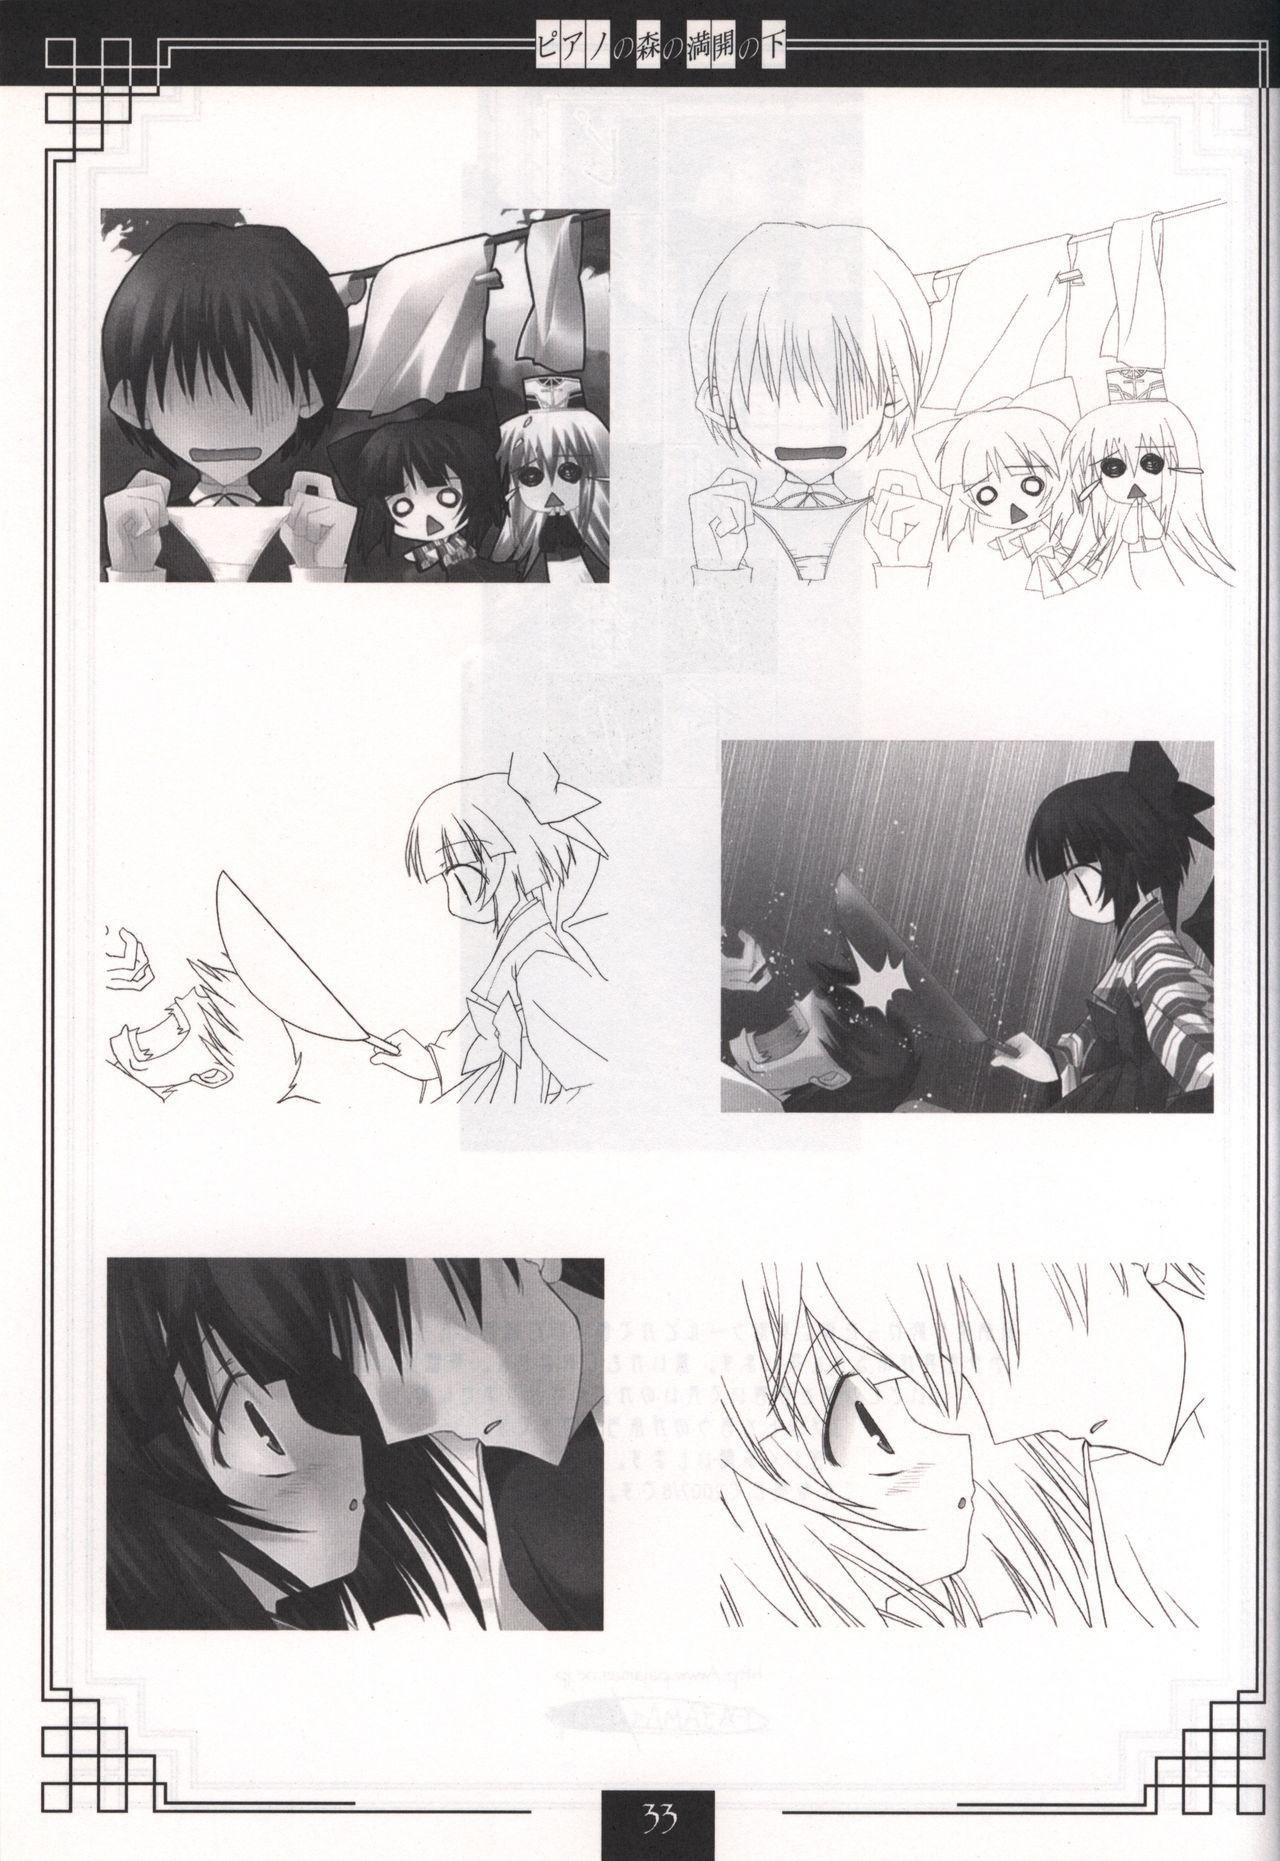 Piano no Mori no Mankai no Shita illustration art book 31